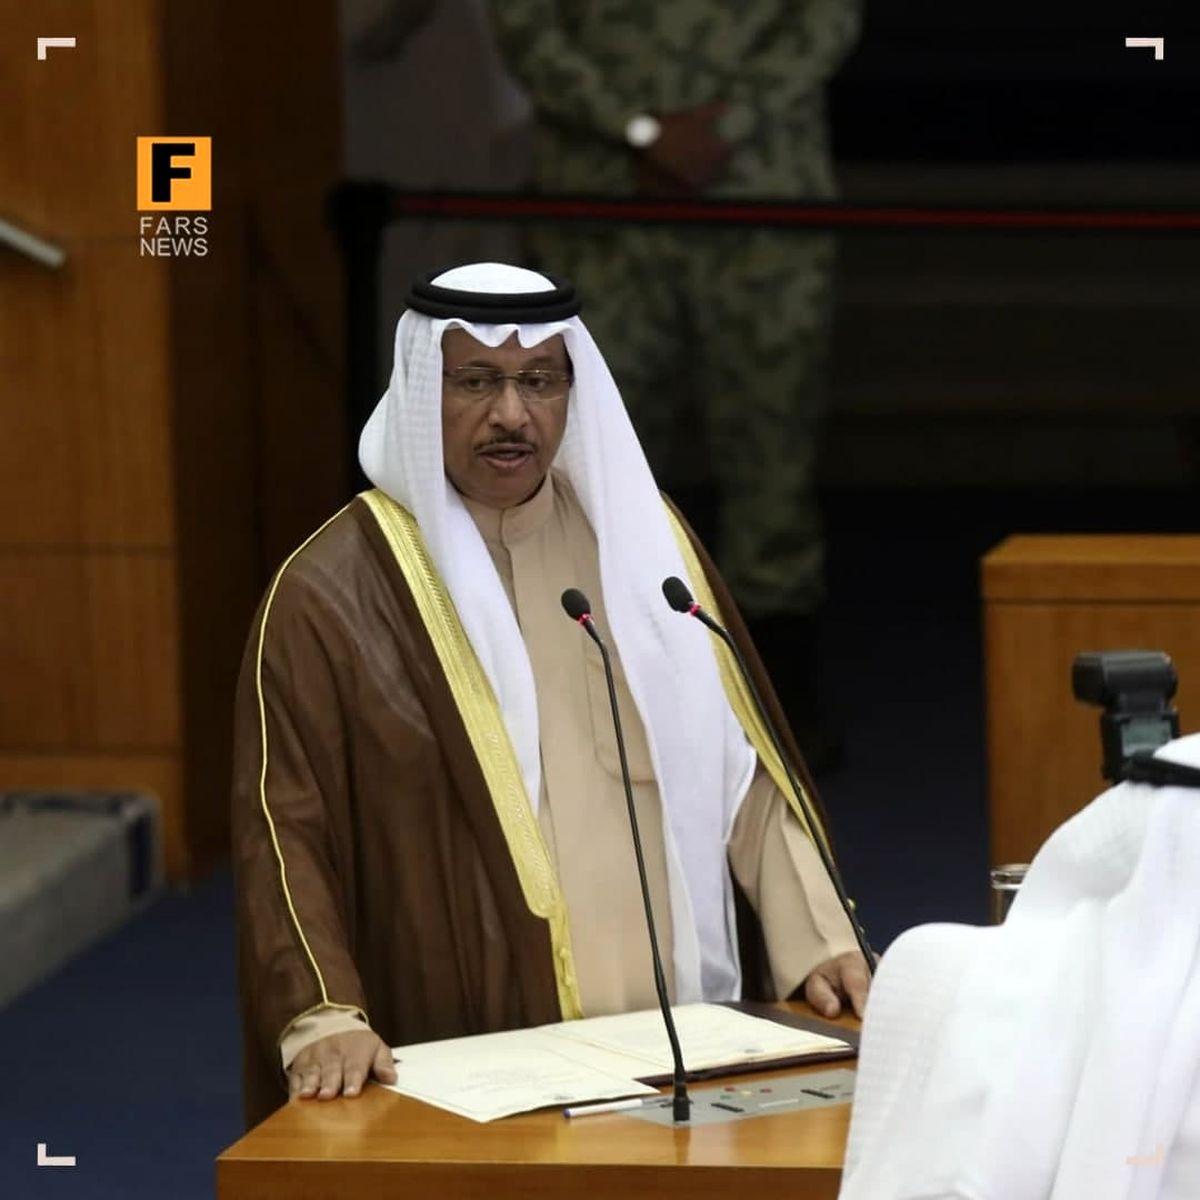 بازداشت موقت نخستوزیر سابق کویت